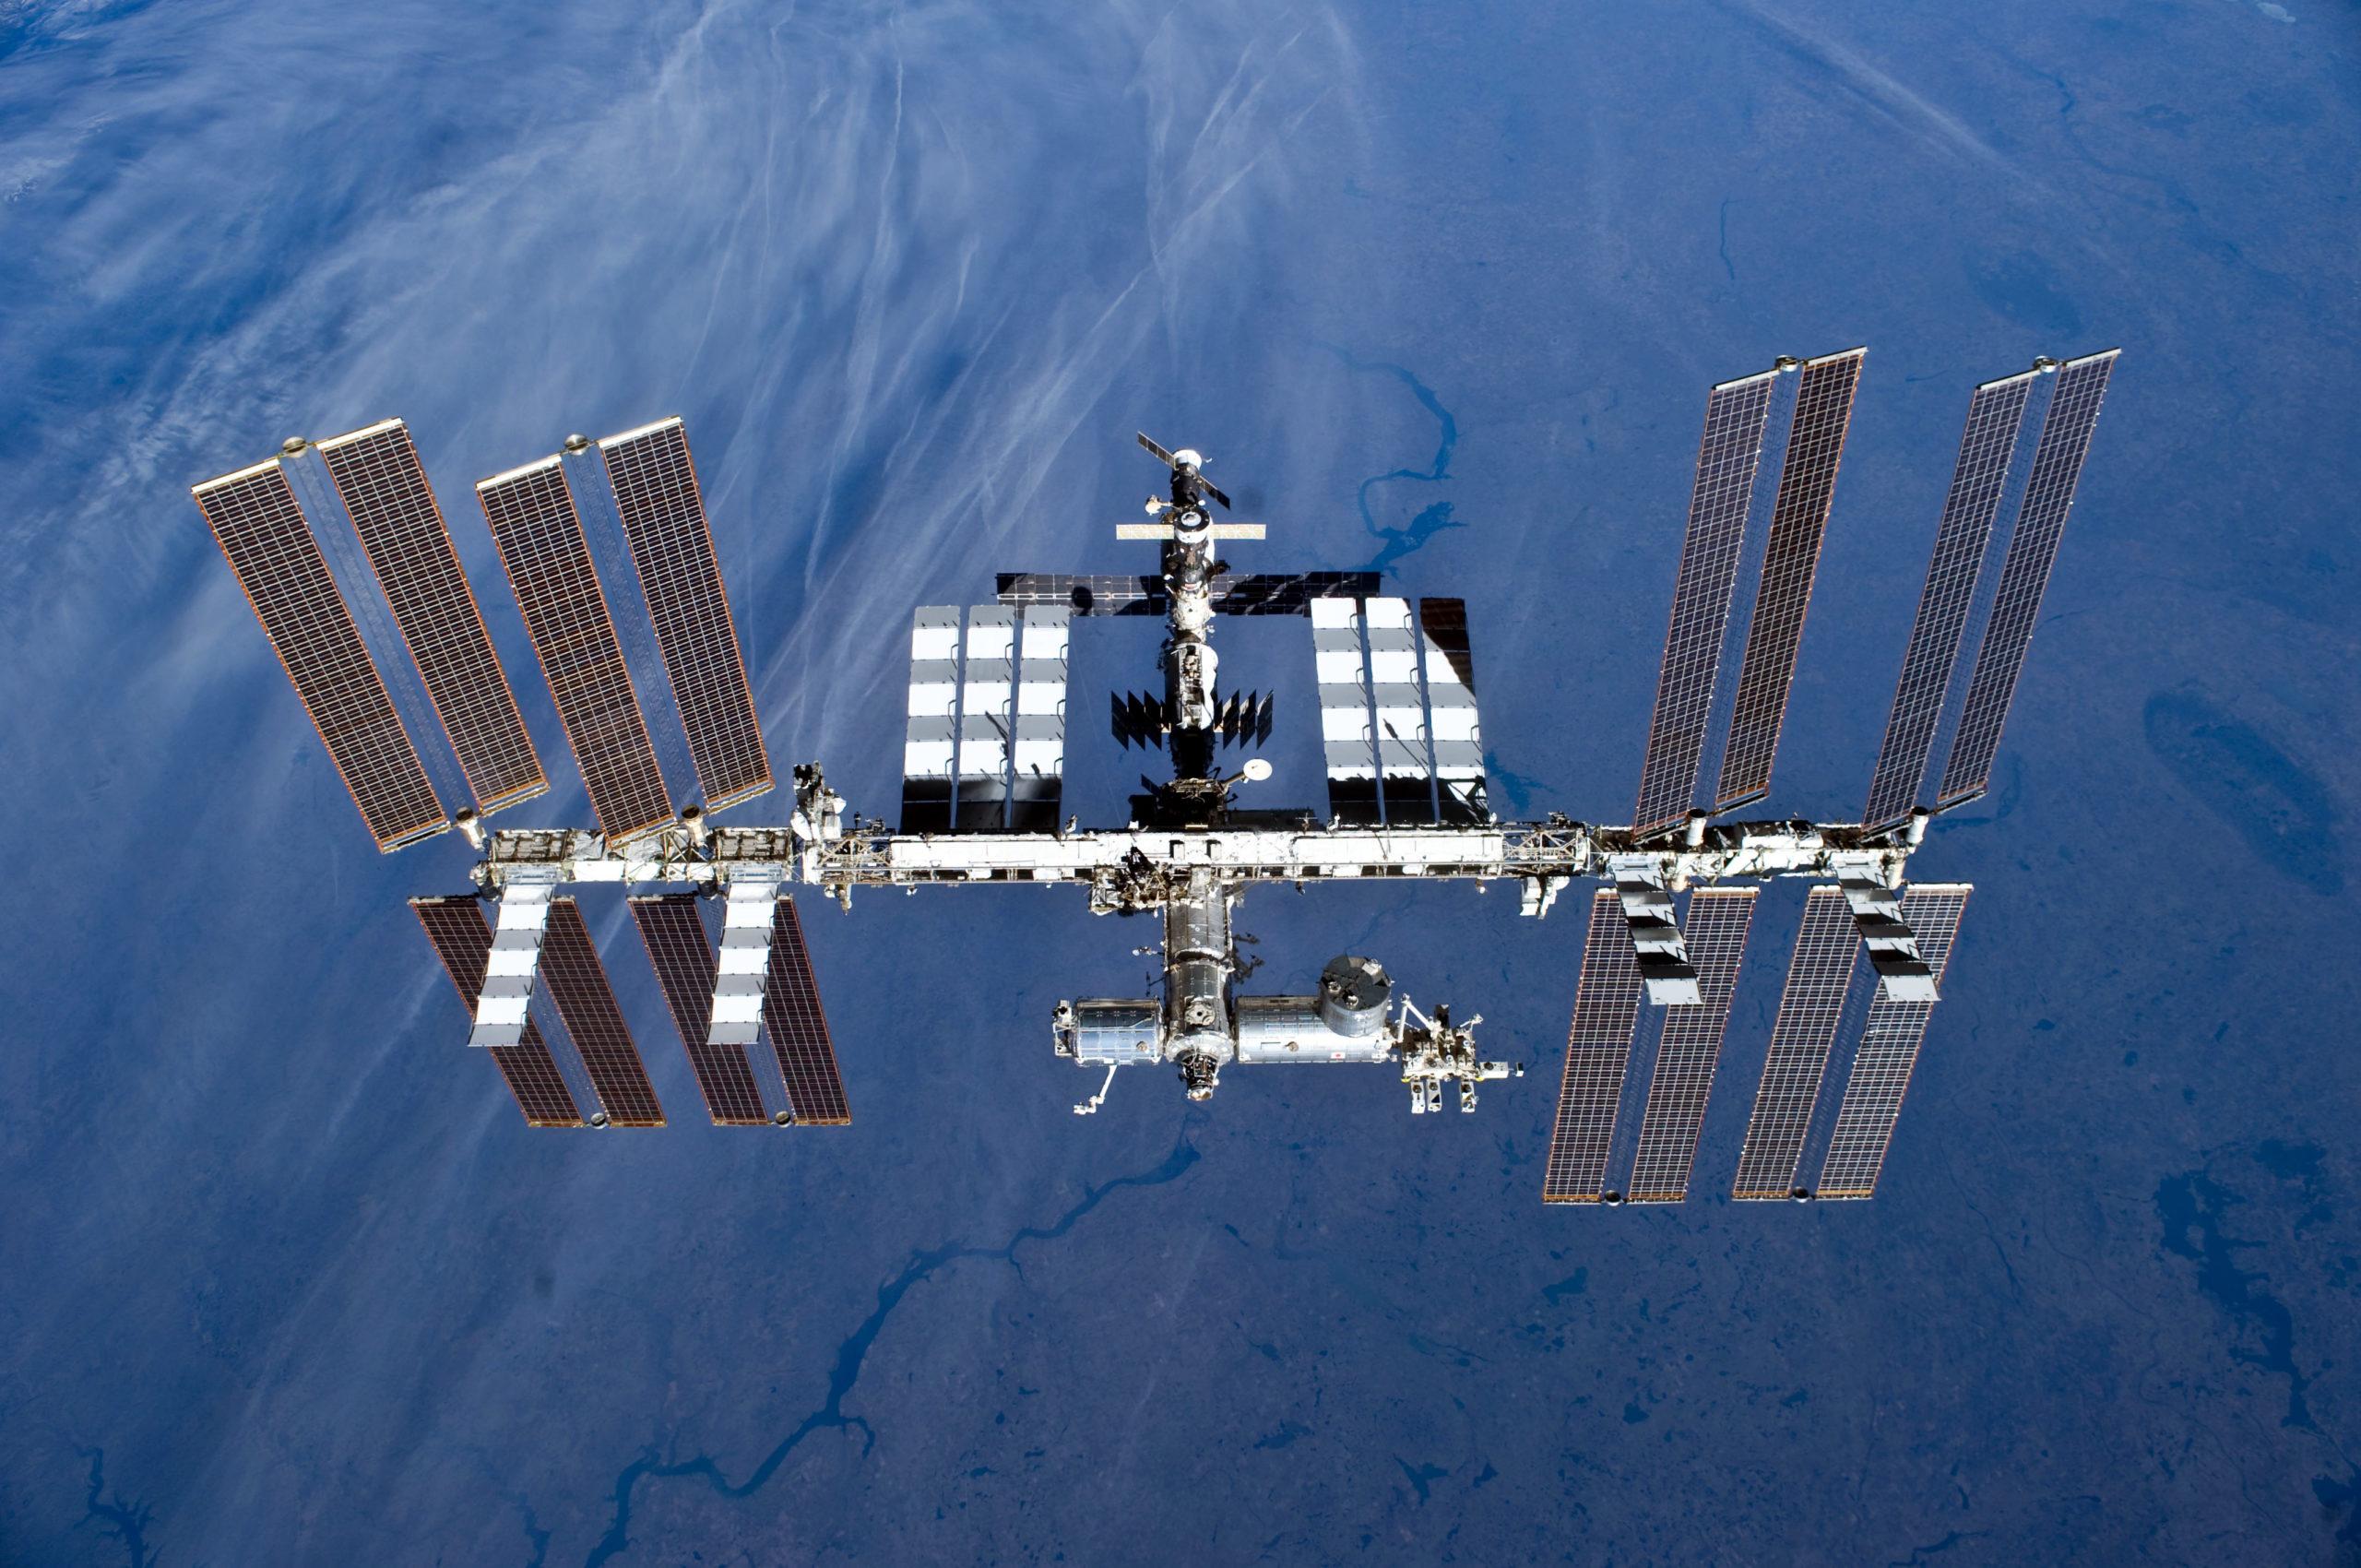 5 choses à savoir sur l'ISS